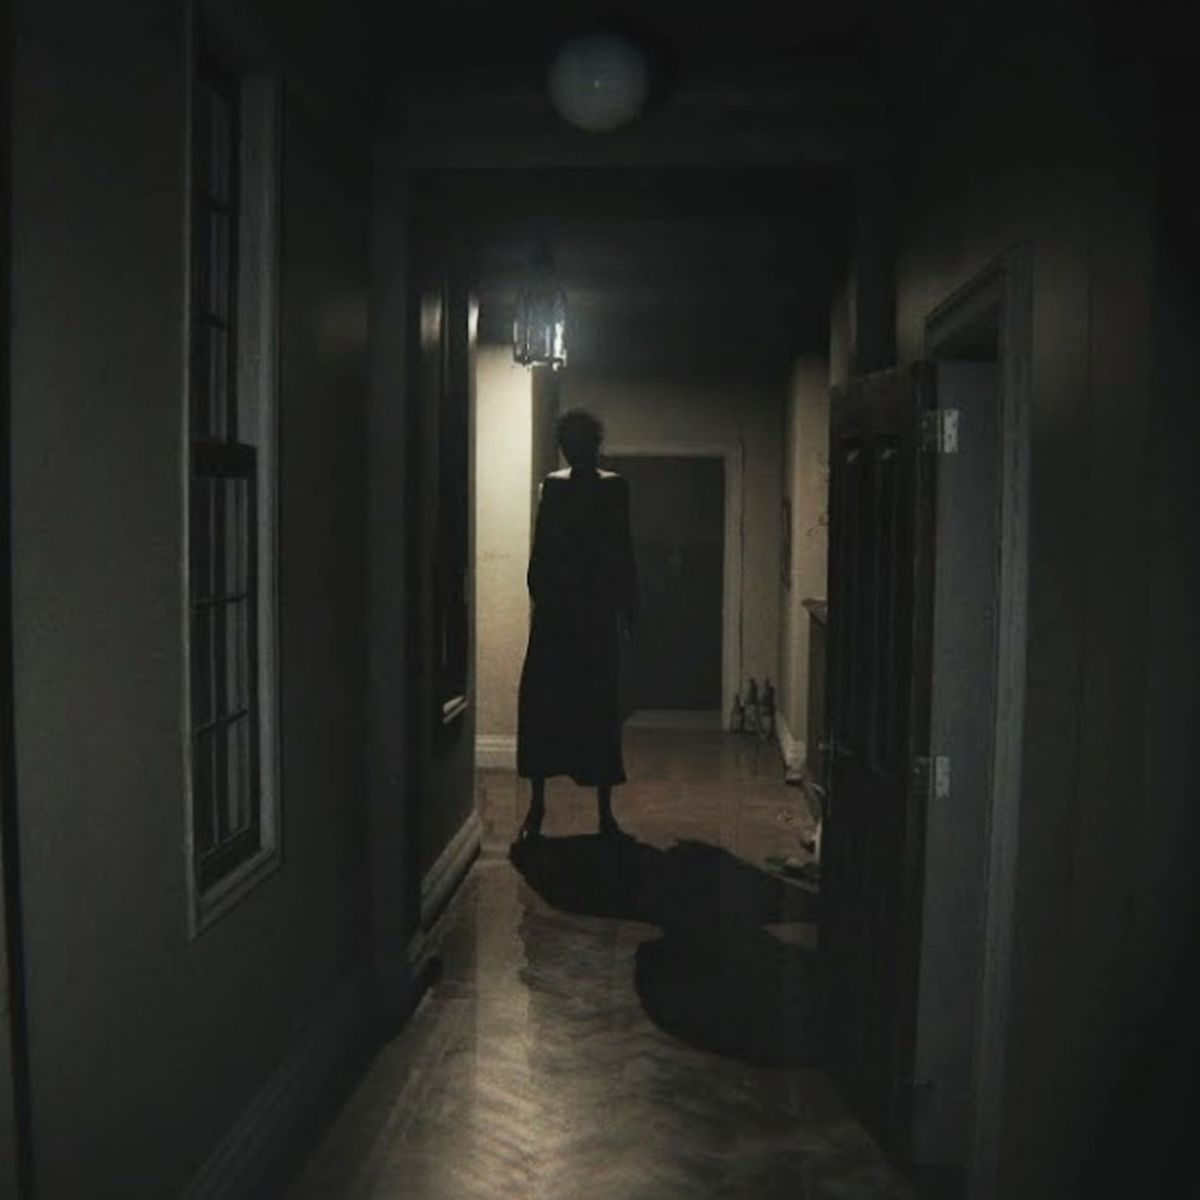 Mơ thấy mình đang tìm ai đó bị lạc trong căn nhà tối tăm